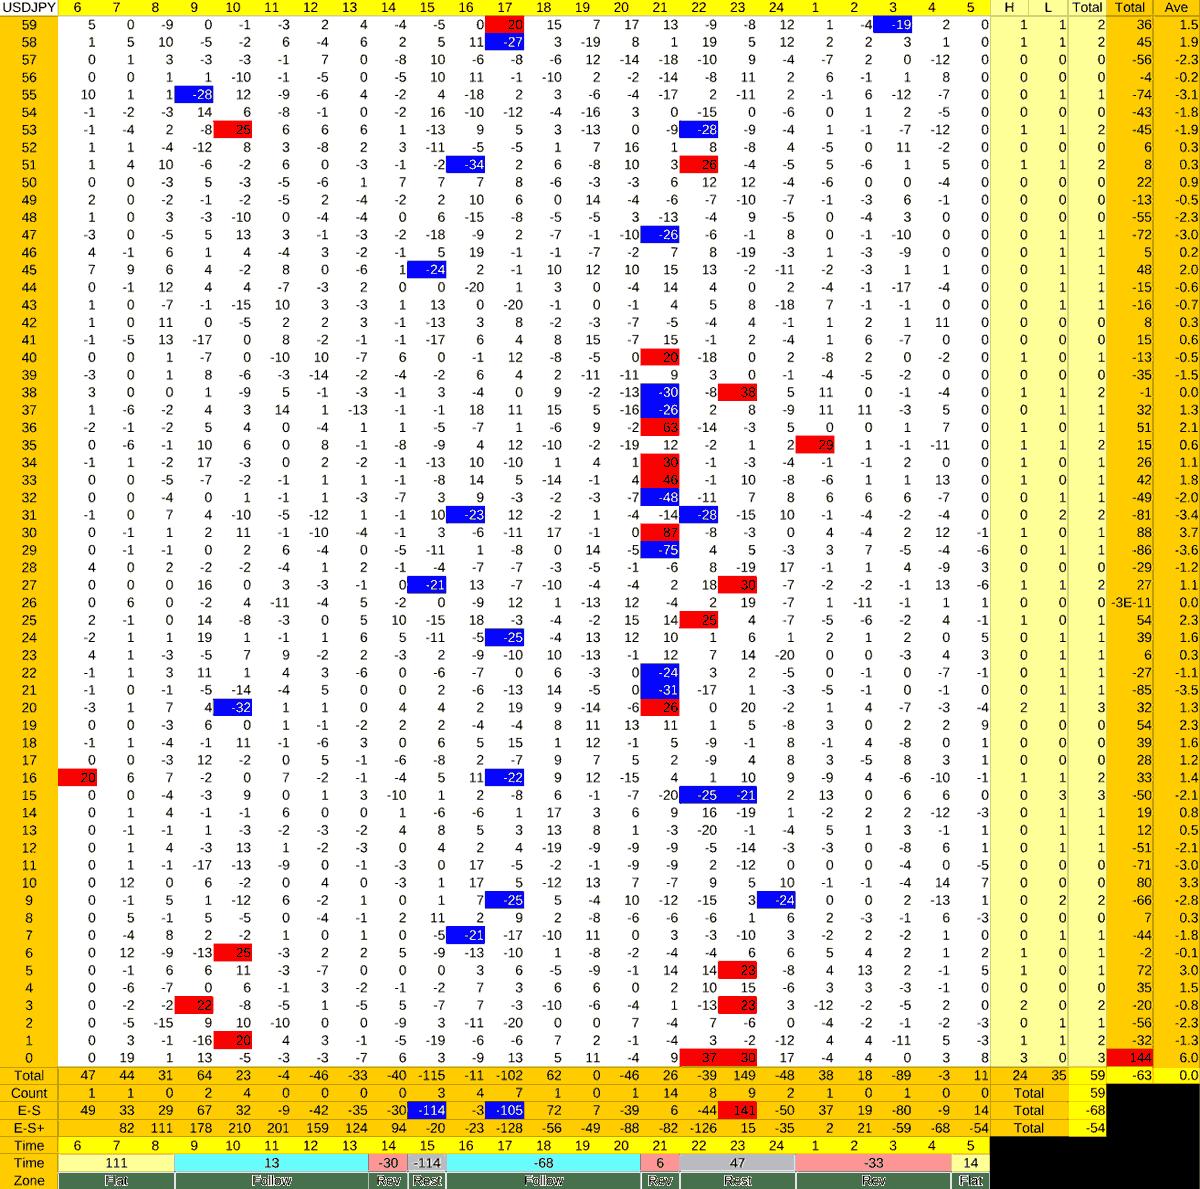 20210514_HS(1)USDJPY